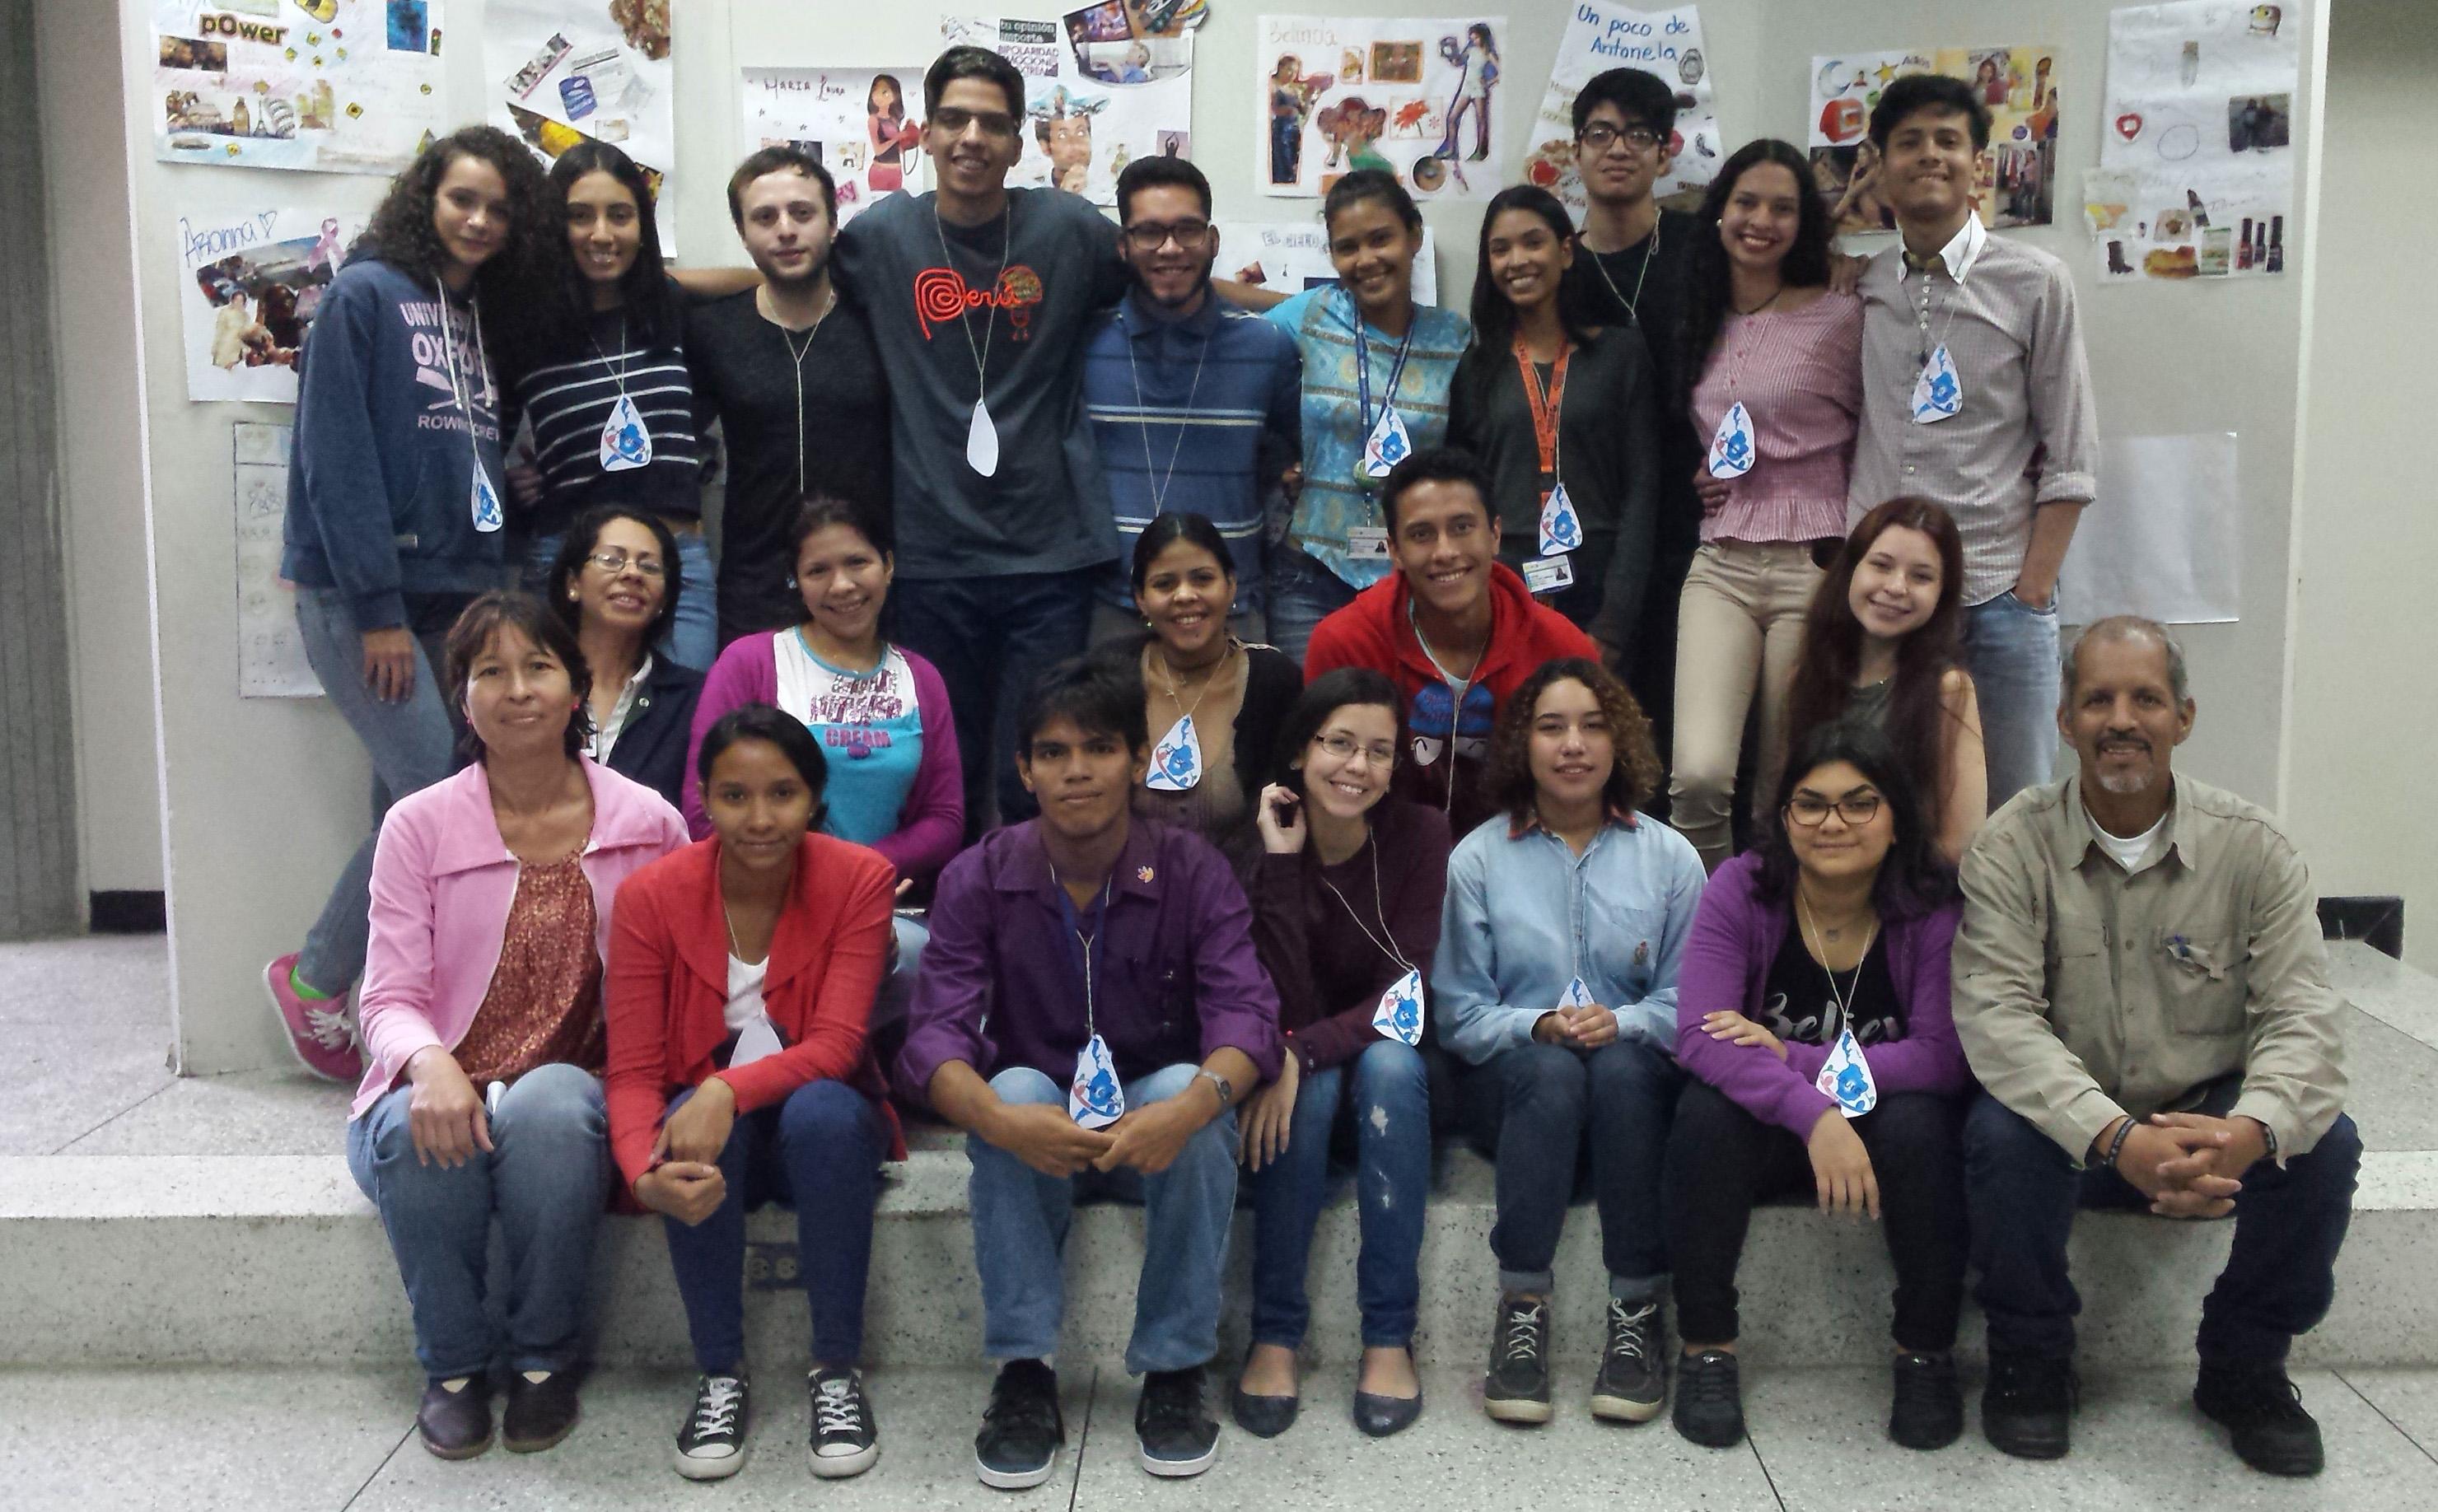 Programa de Liderazgo en Guayana dio bienvenida a su nueva cohorte